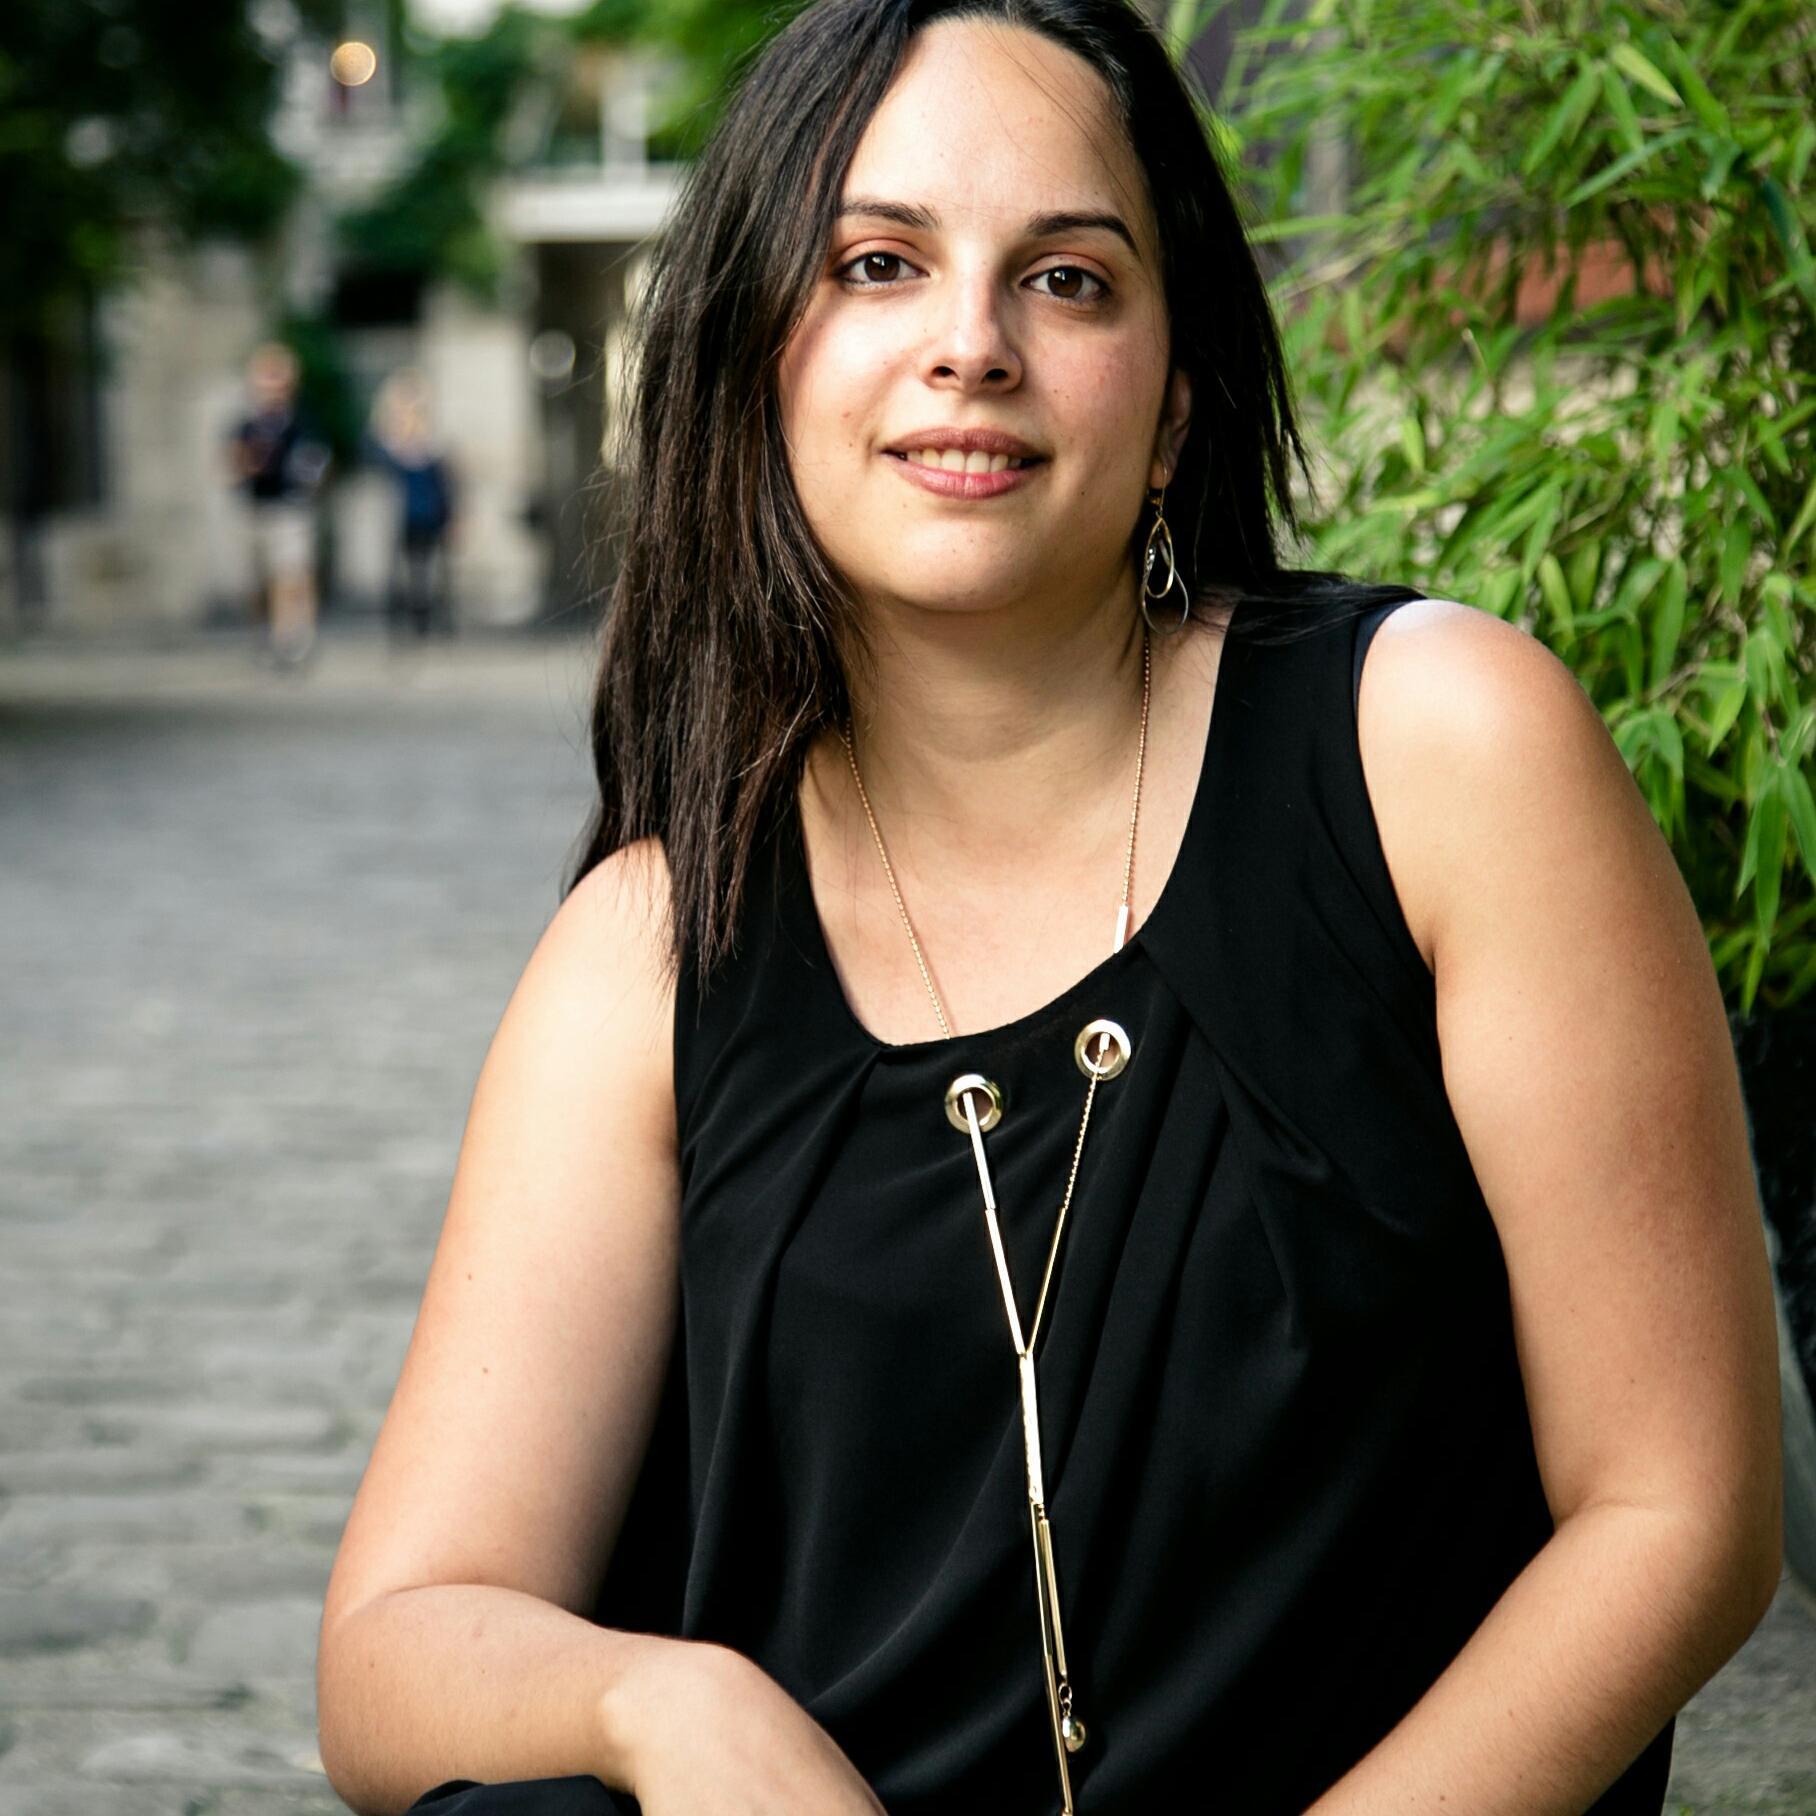 Johannazaz